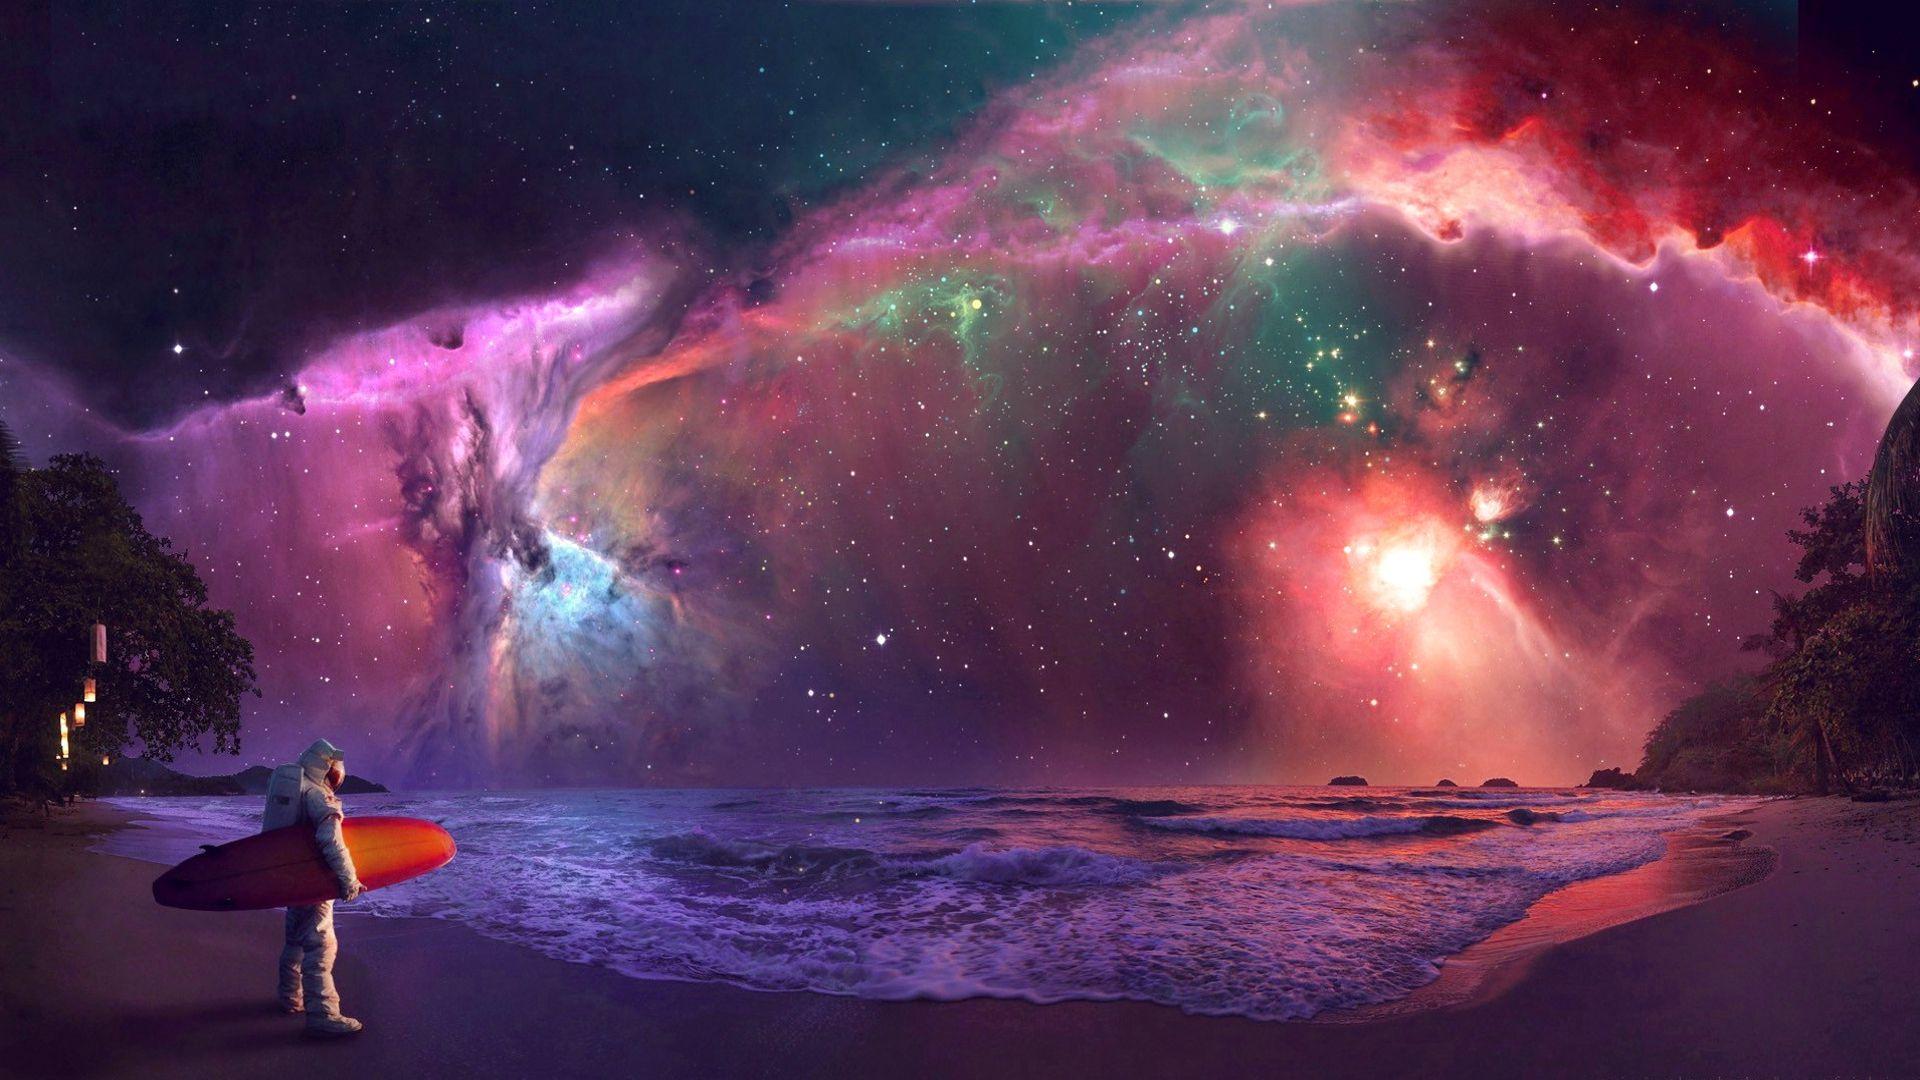 Eagle Nebula Wallpaper 4